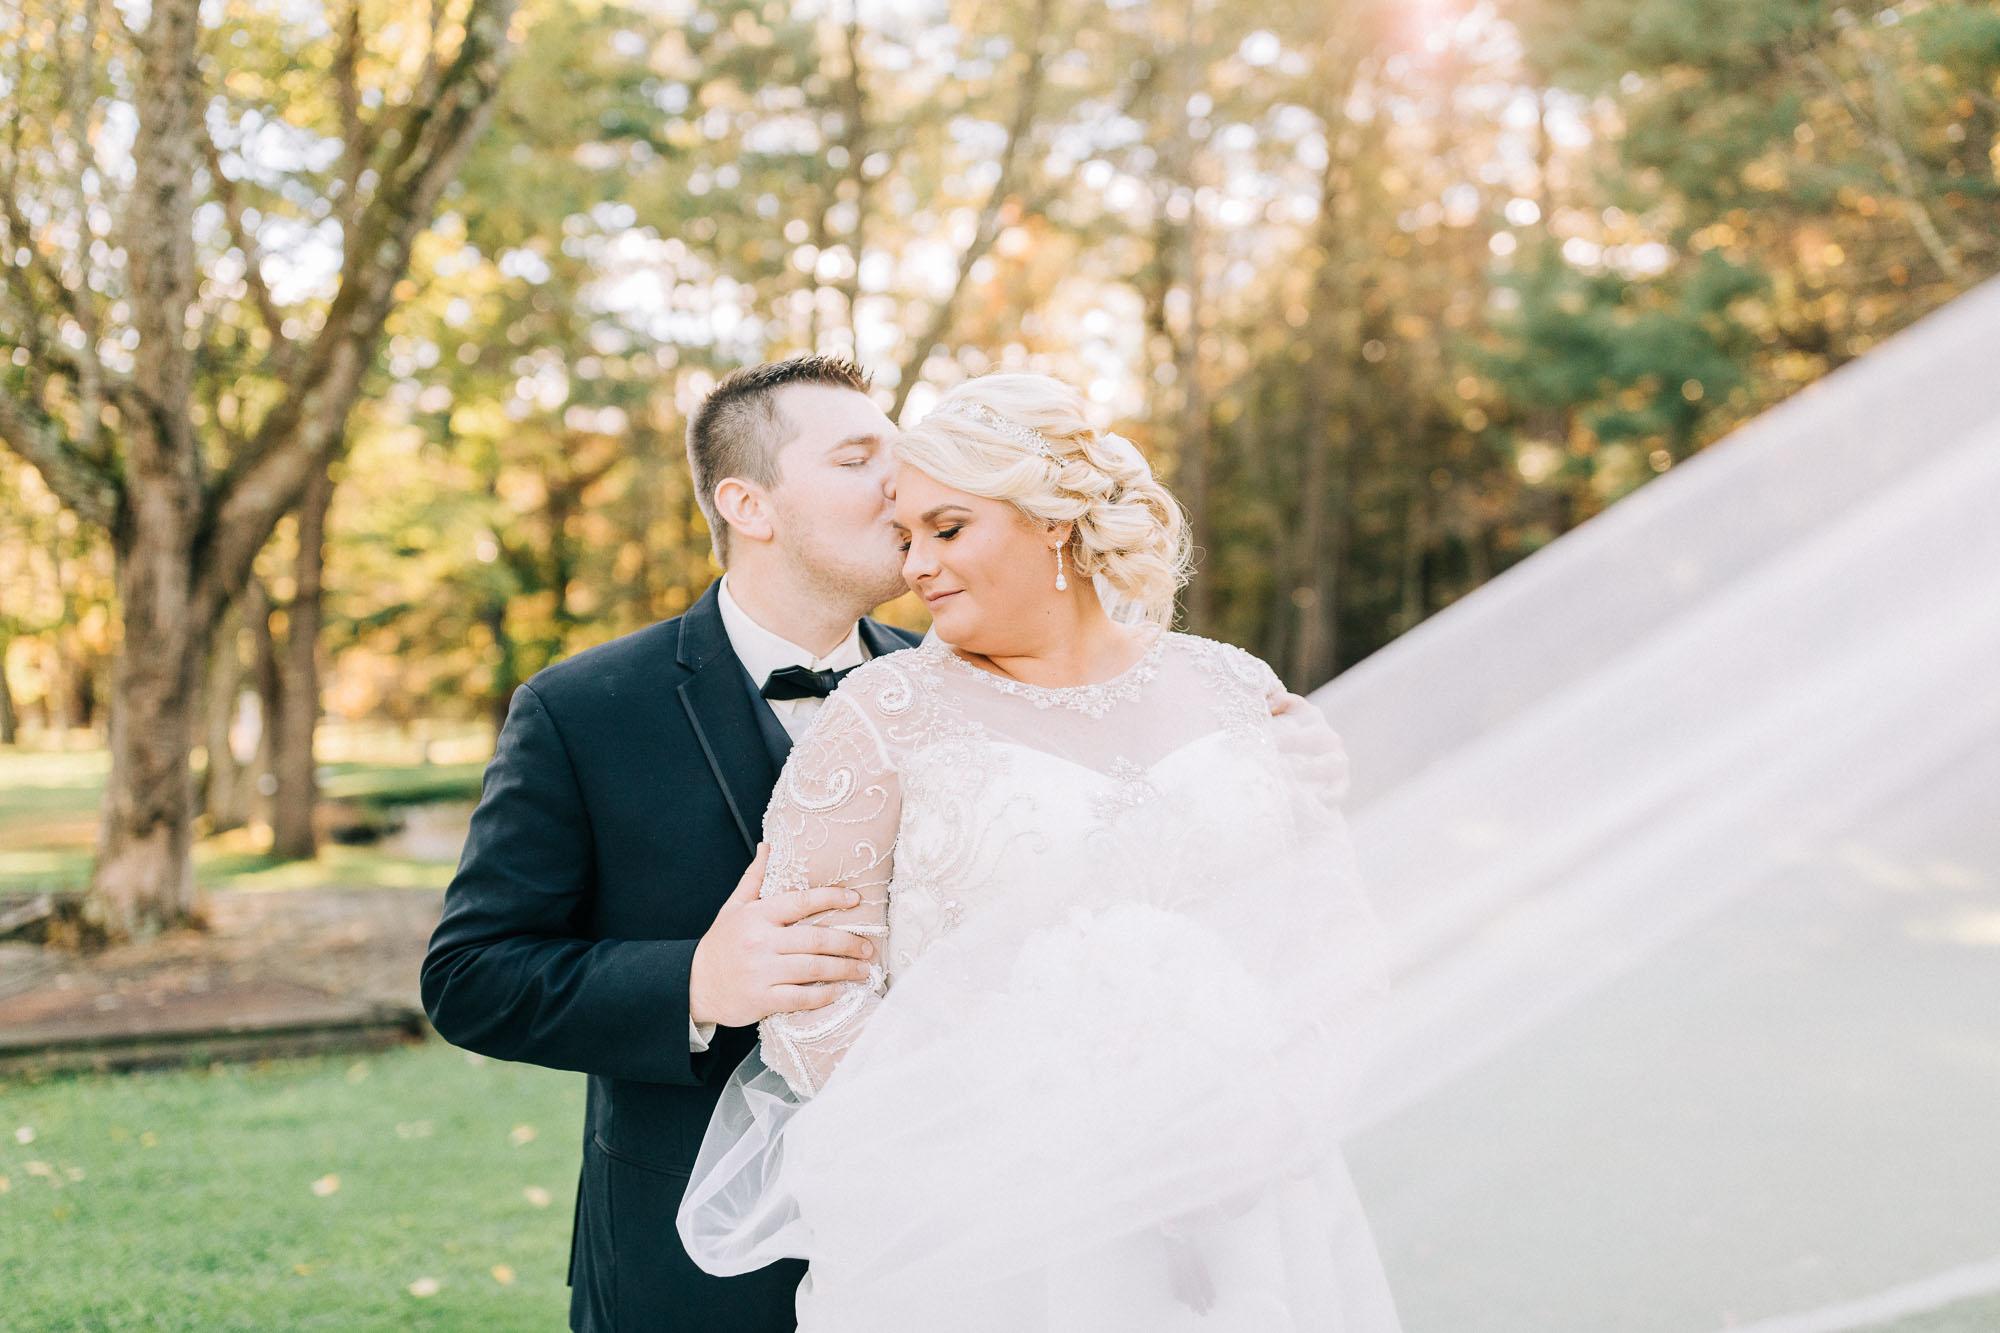 whitewoods-october-wedding-sk-0144.jpg